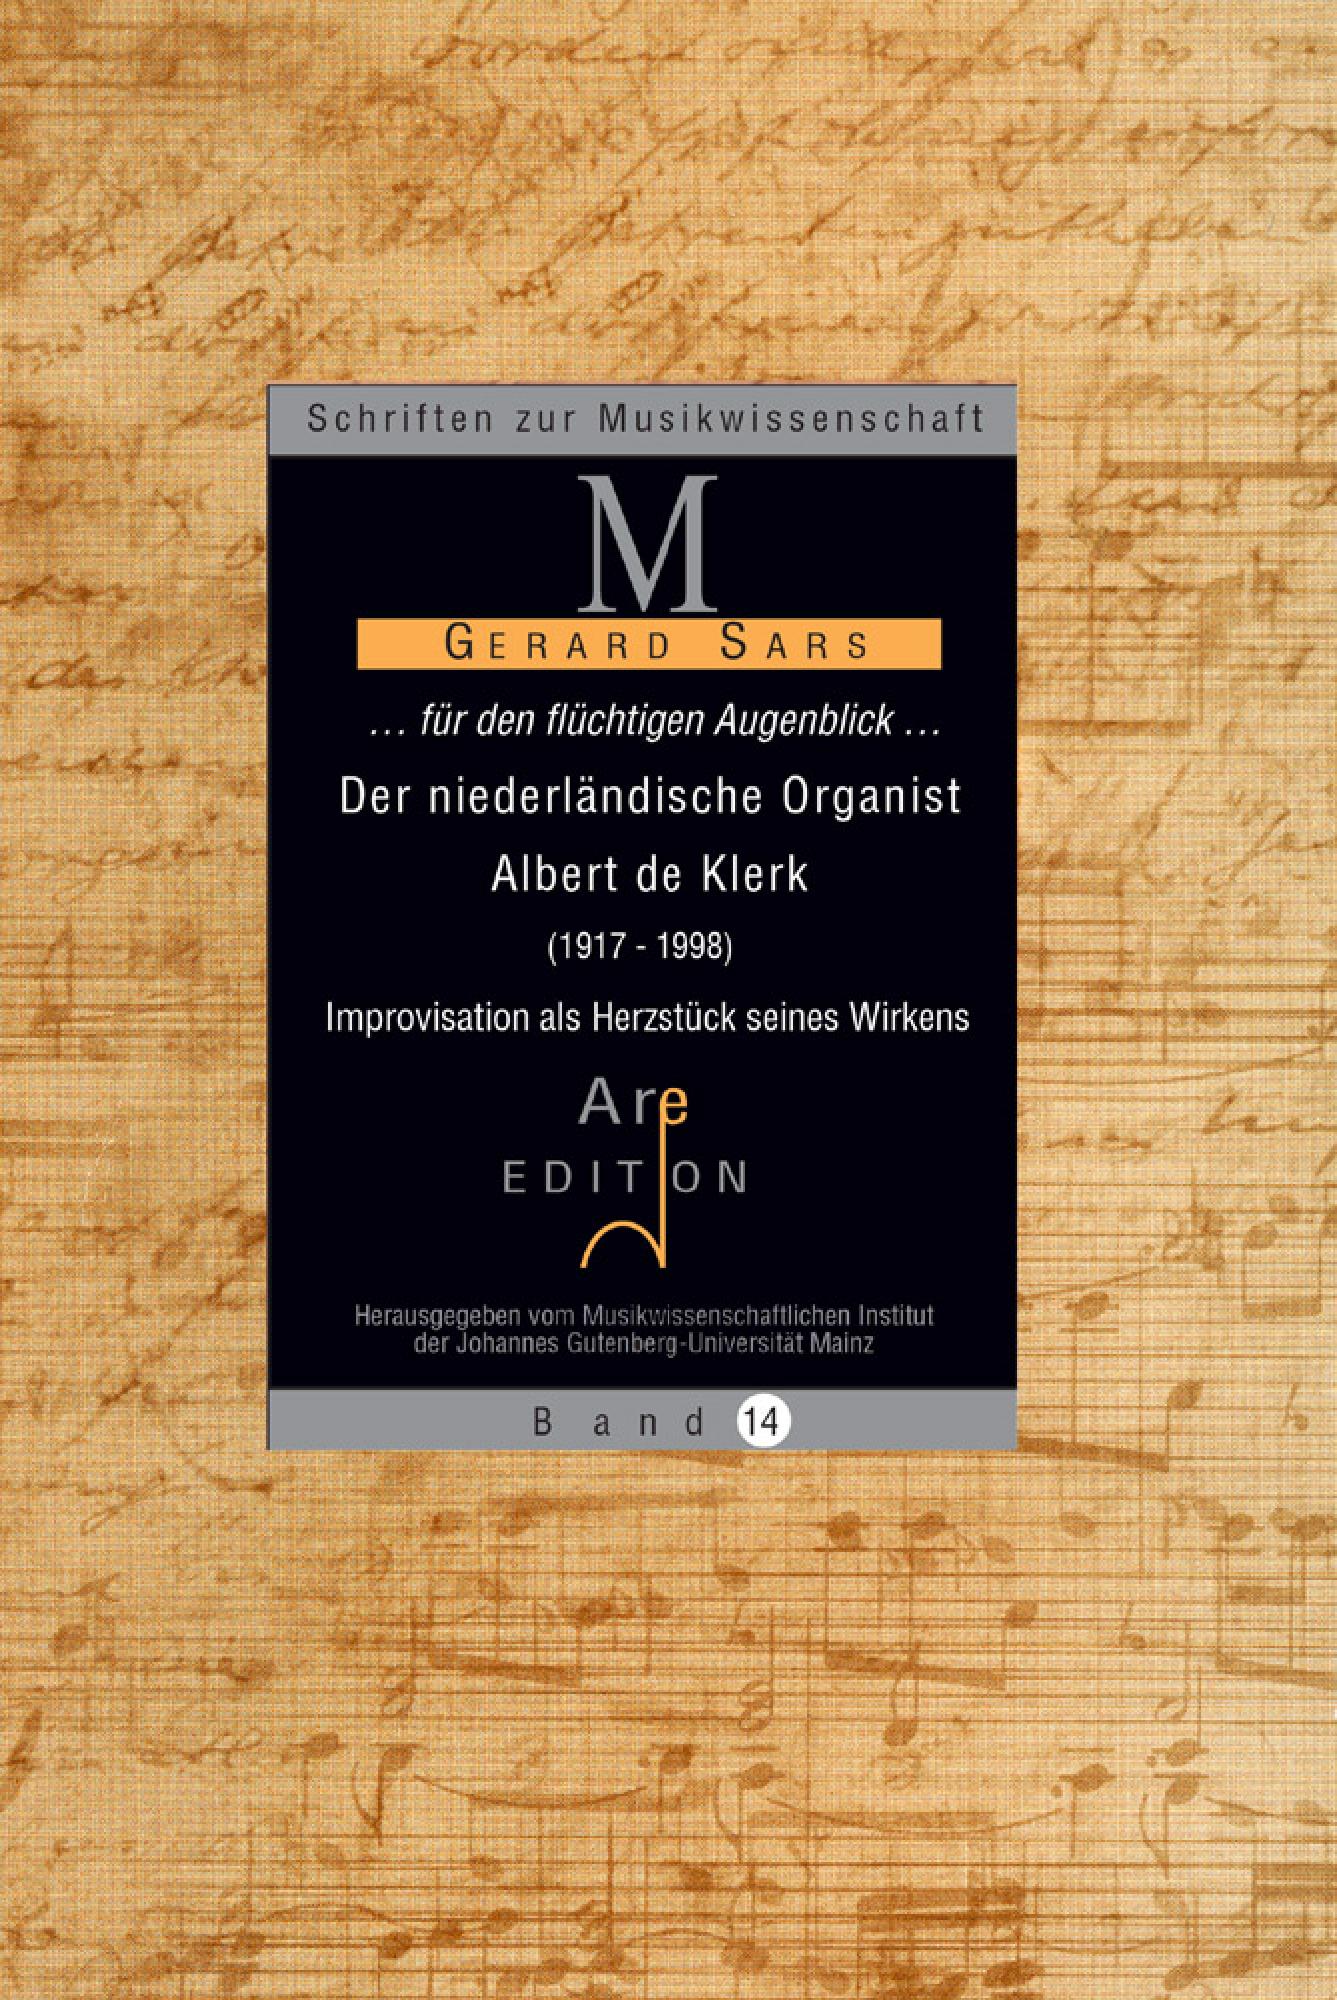 Sars, Gerard: Der niederländische Organist Albert de Klerk